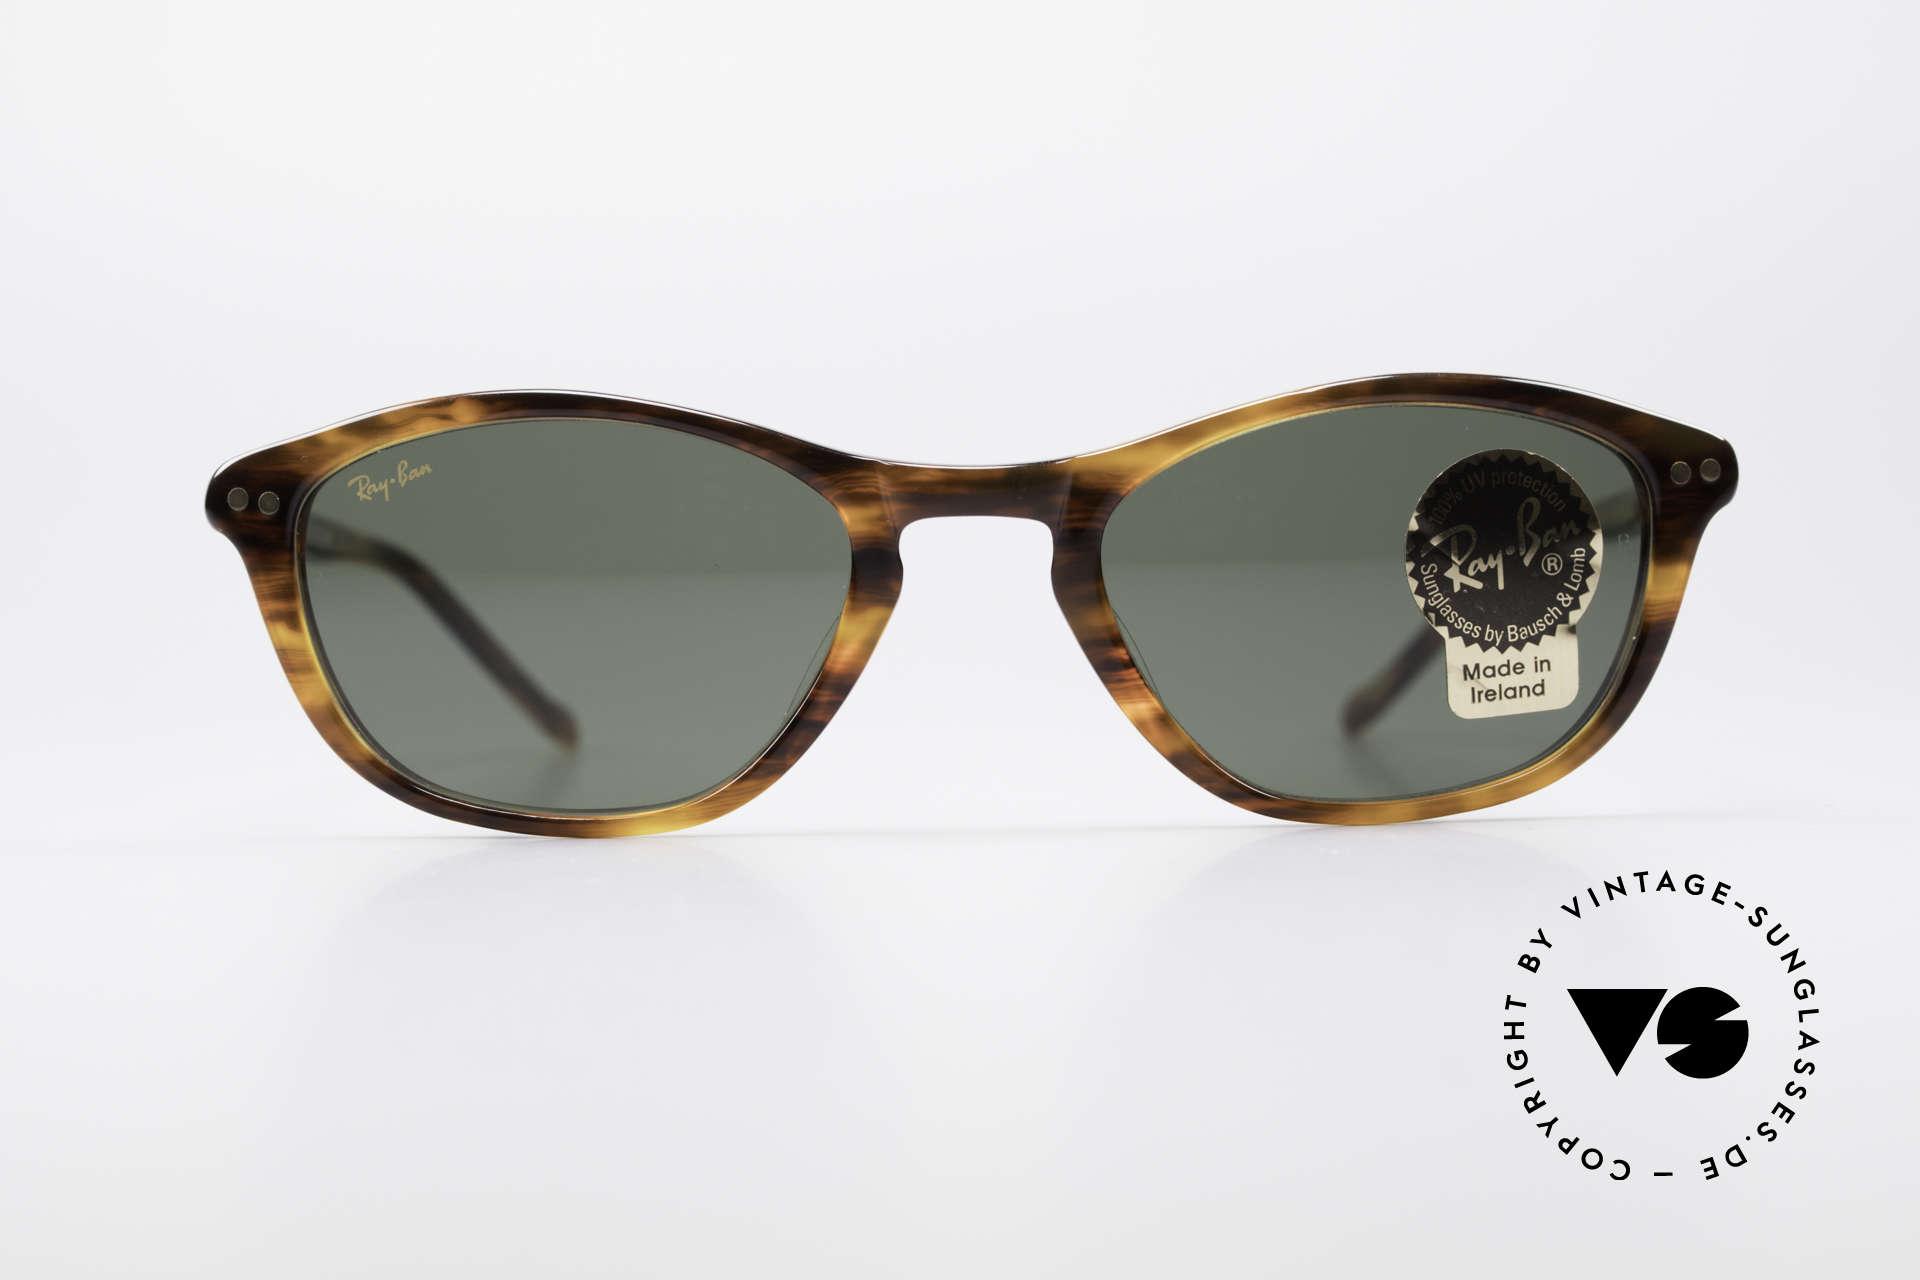 44f8bc0cbb048 Sunglasses Ray Ban Gatsby Plastic Tea Cup B L Bausch Lomb USA W2971 ...